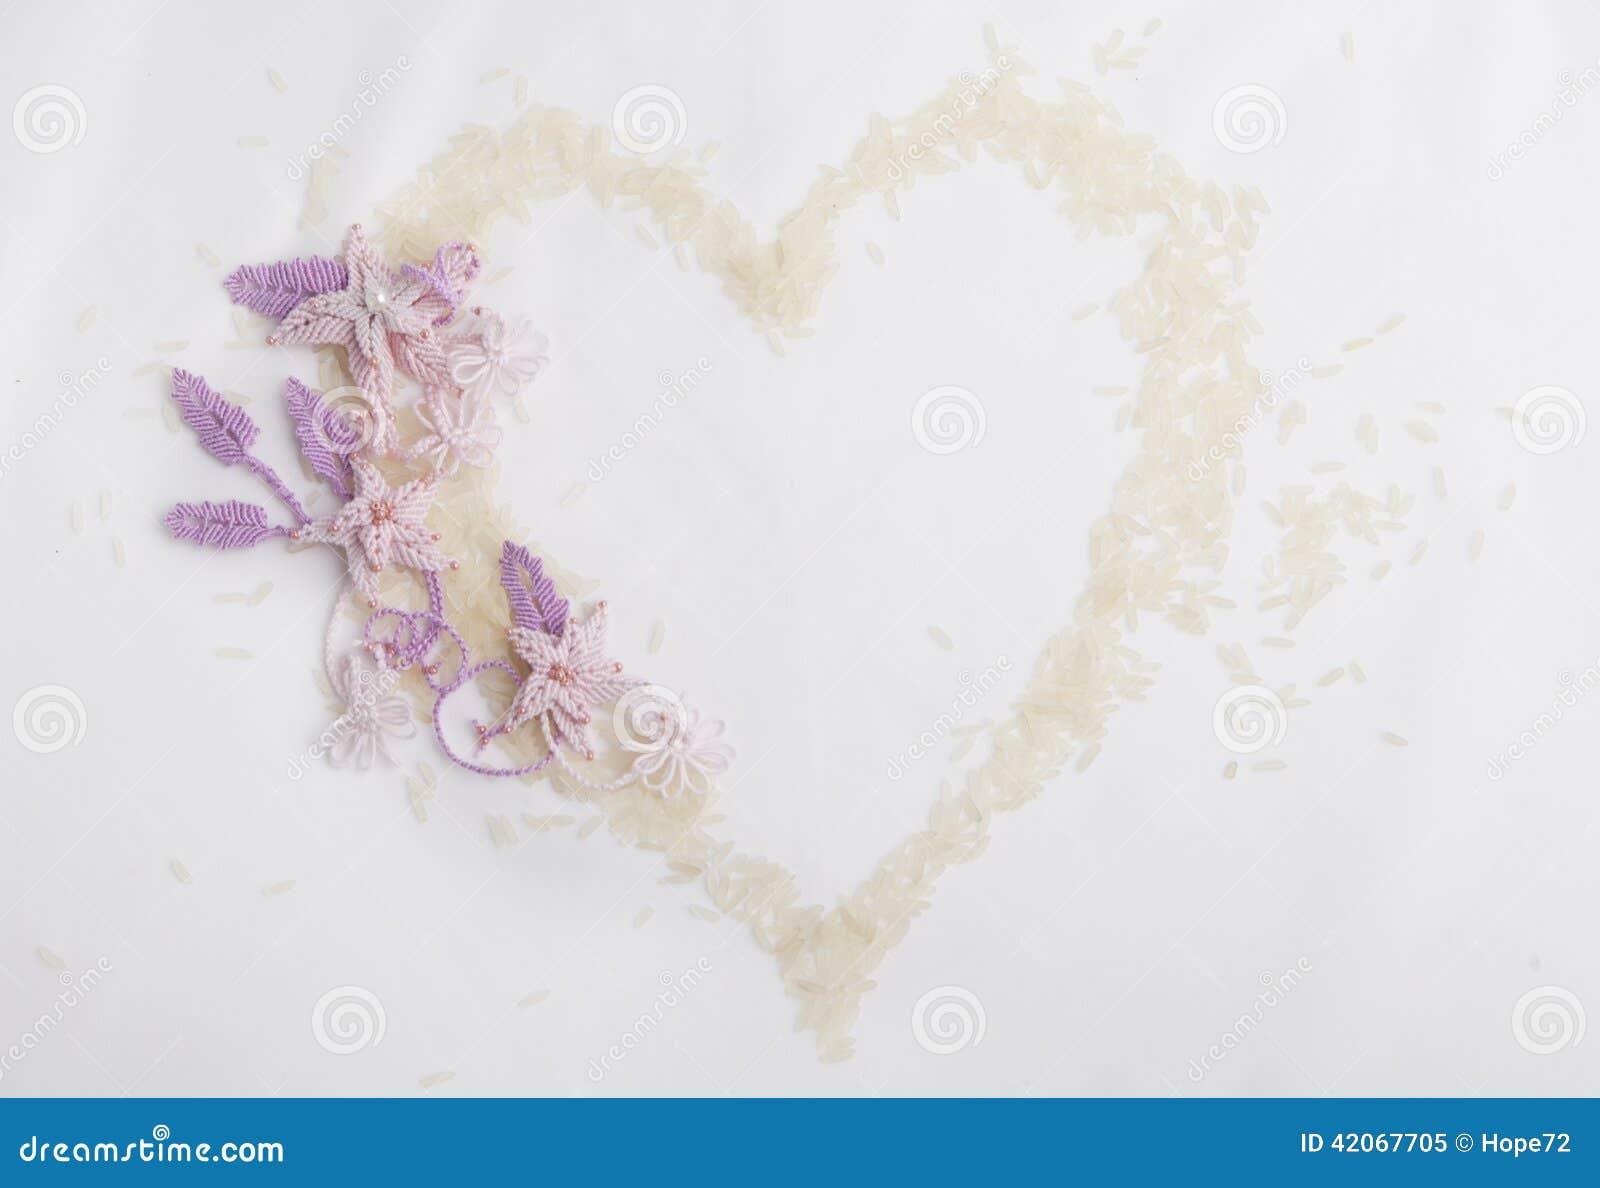 Elemento decorativo de la invitación del partido de la boda o de compromiso